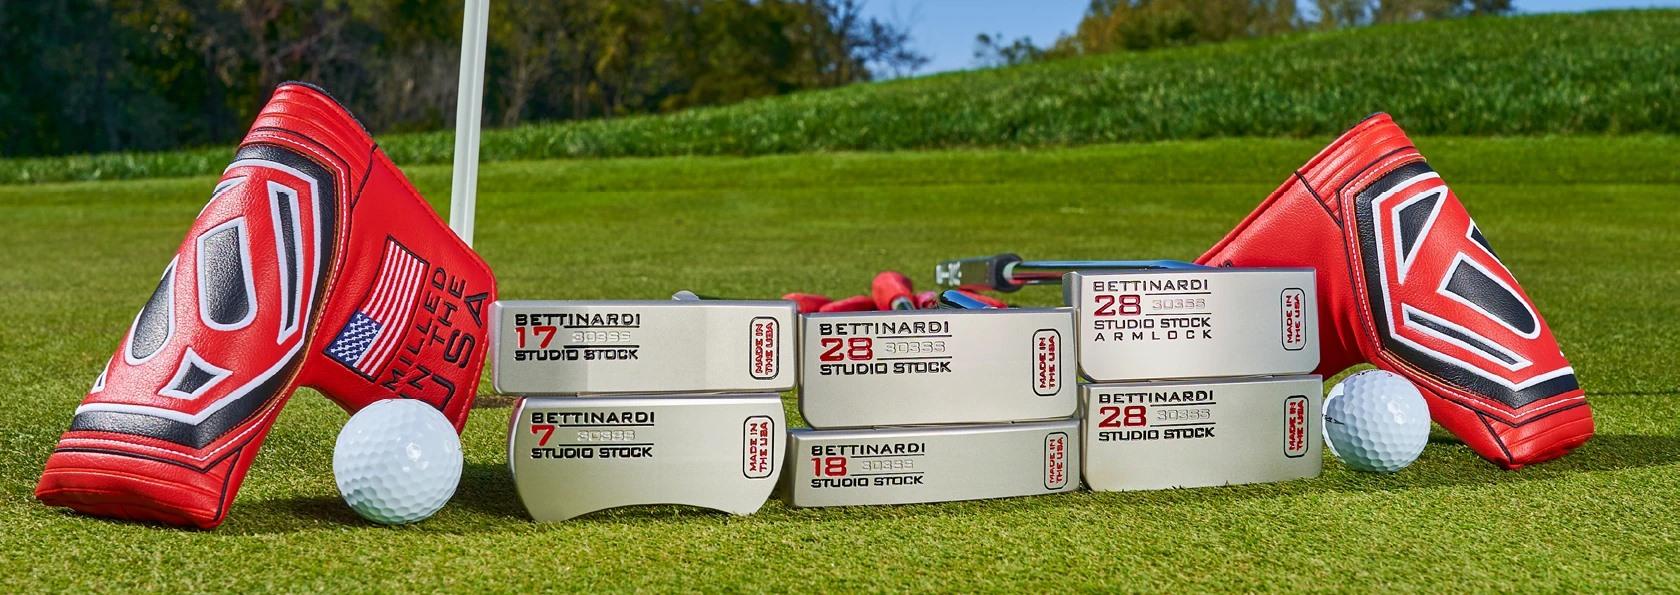 Jaki putter wybrać – blade czy malllet? Zalety i wady różnych konstrukcji tych typów kijów do golfa.